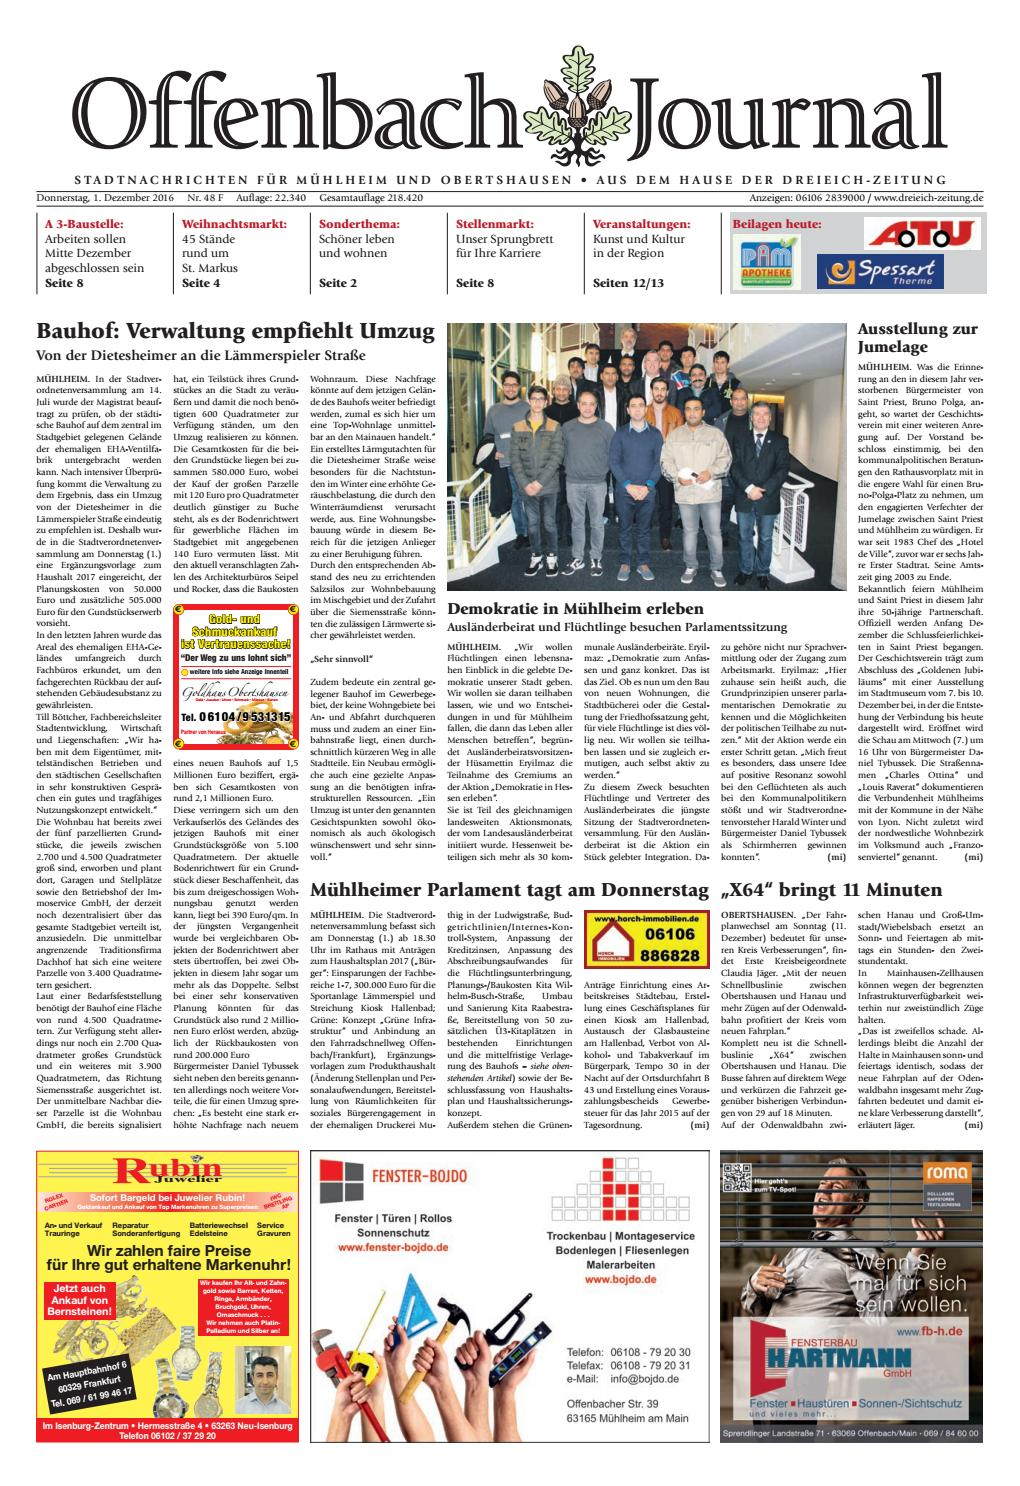 Dz online 8 8 f by Dreieich Zeitung/Offenbach Journal   issuu